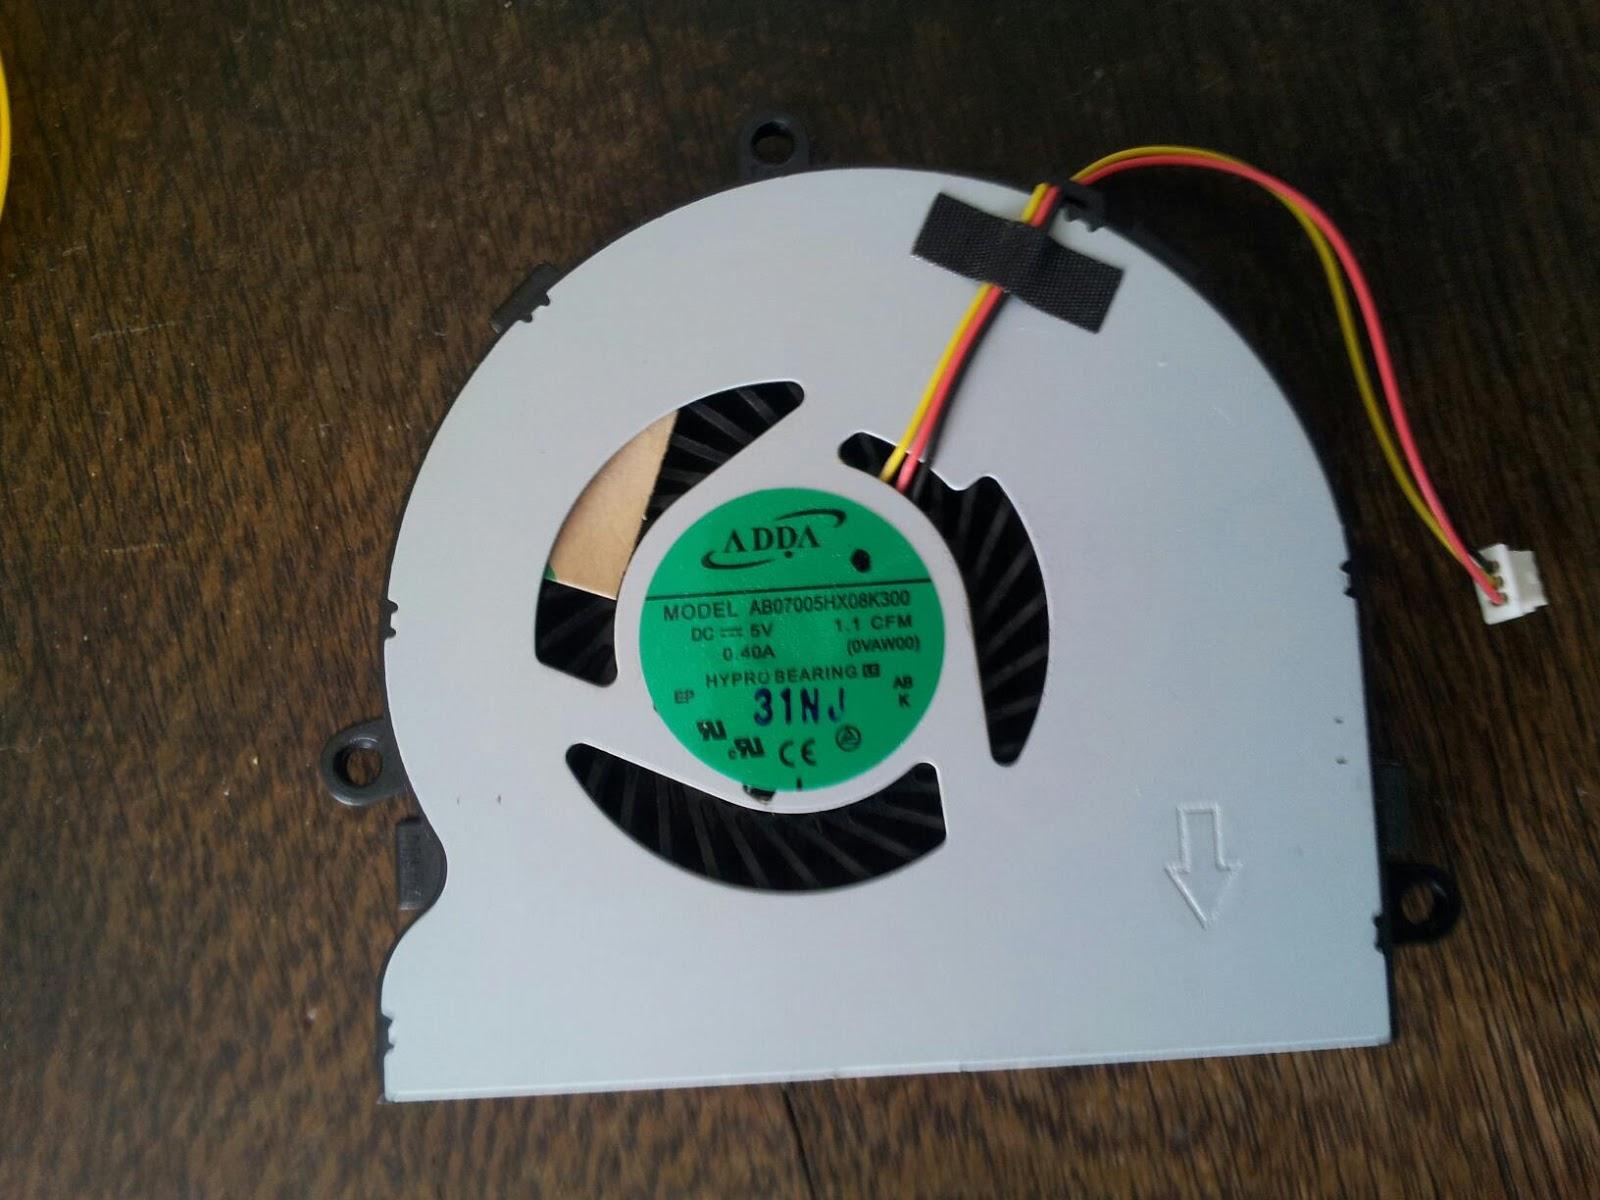 Laptop Fan: My Laptop Fan Is Always Running